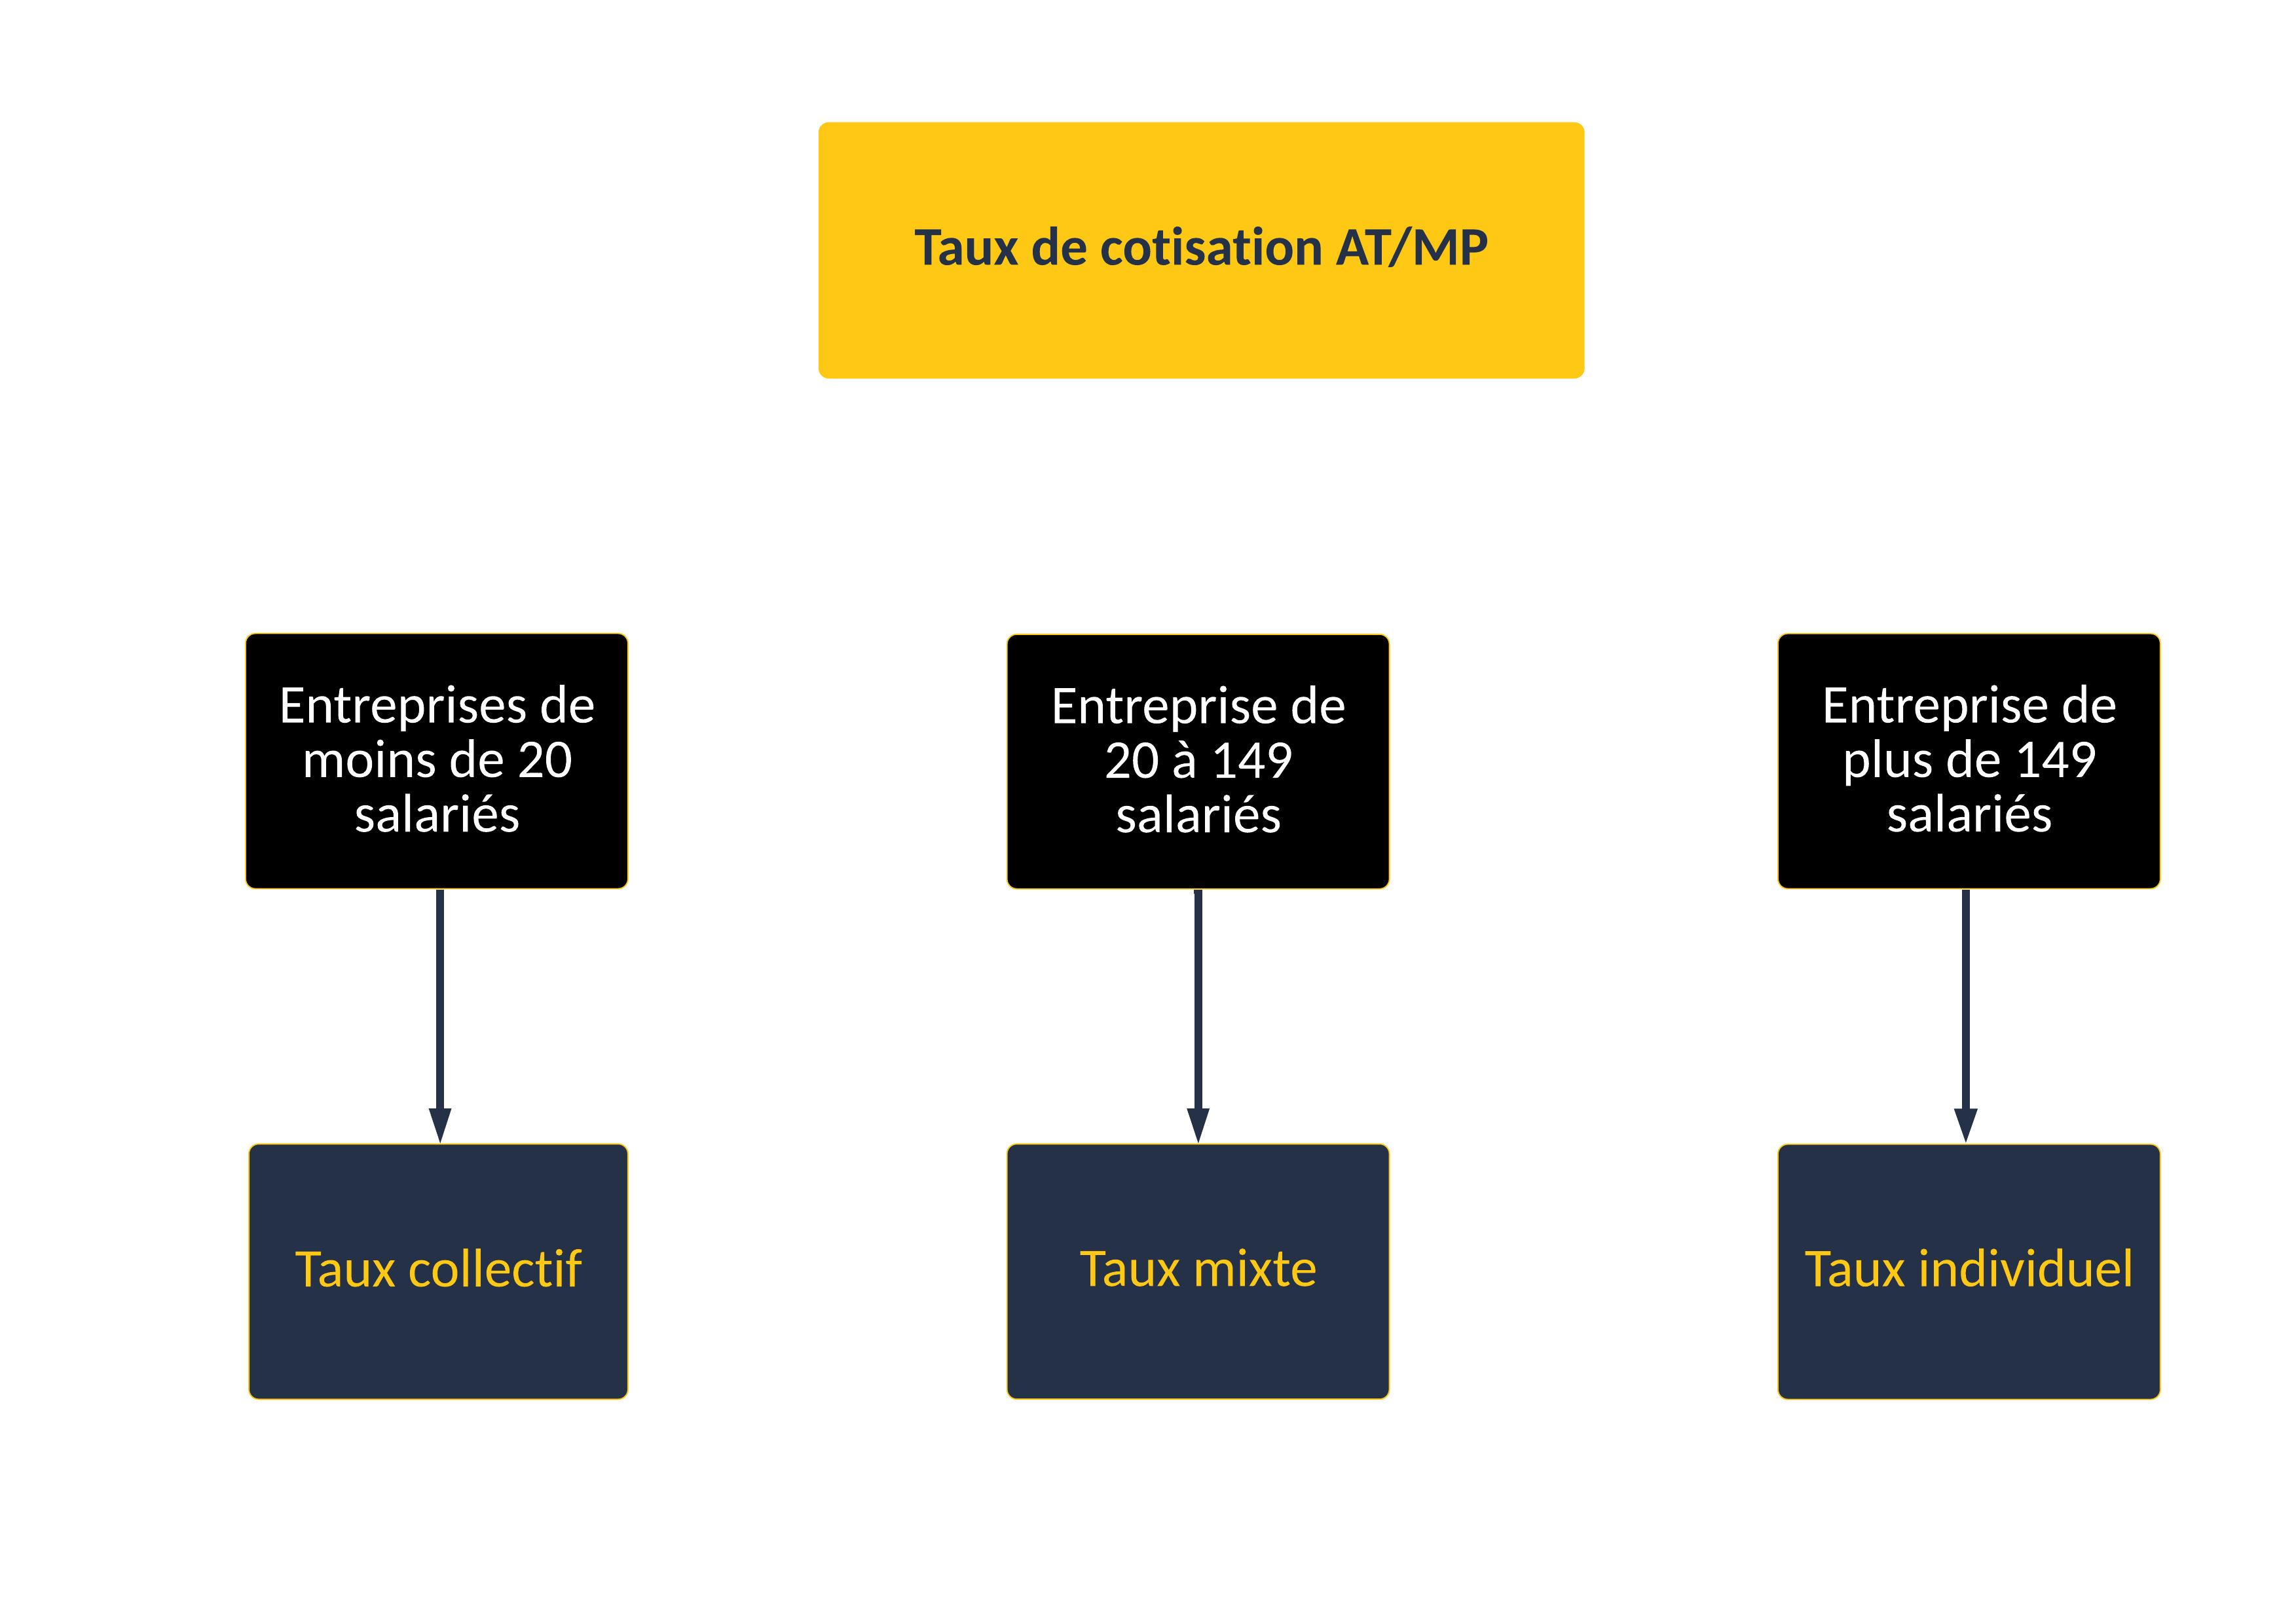 Taux de cotisation ATMP